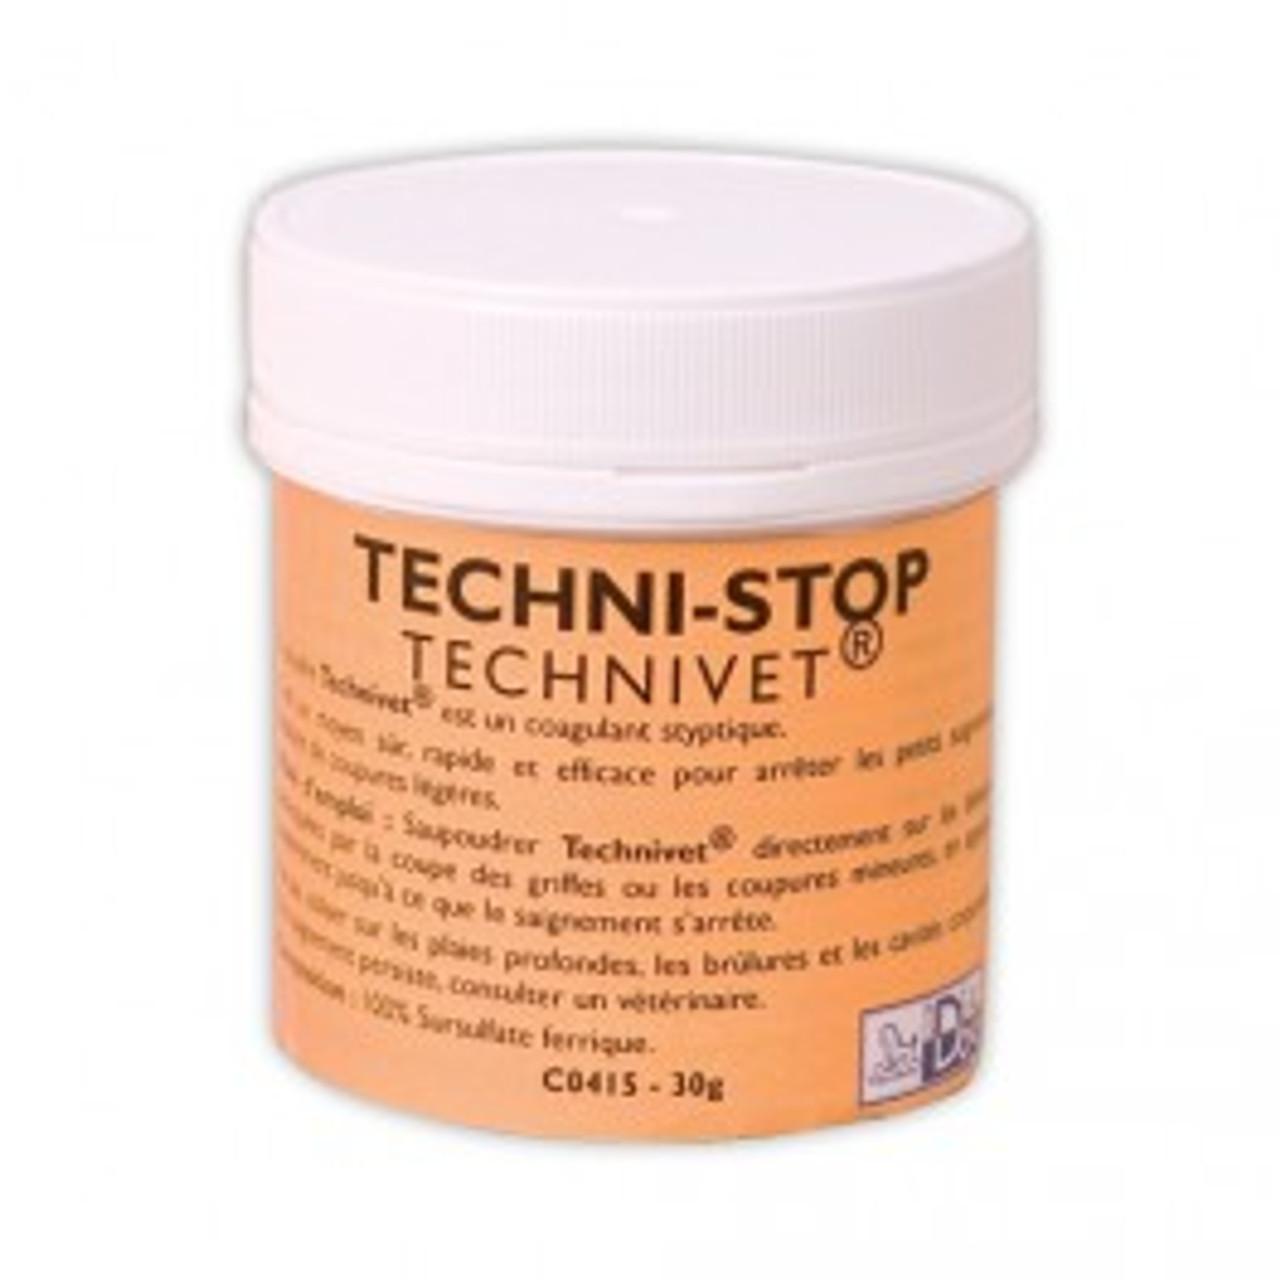 Techni-Stop Coagulant Powder 30g